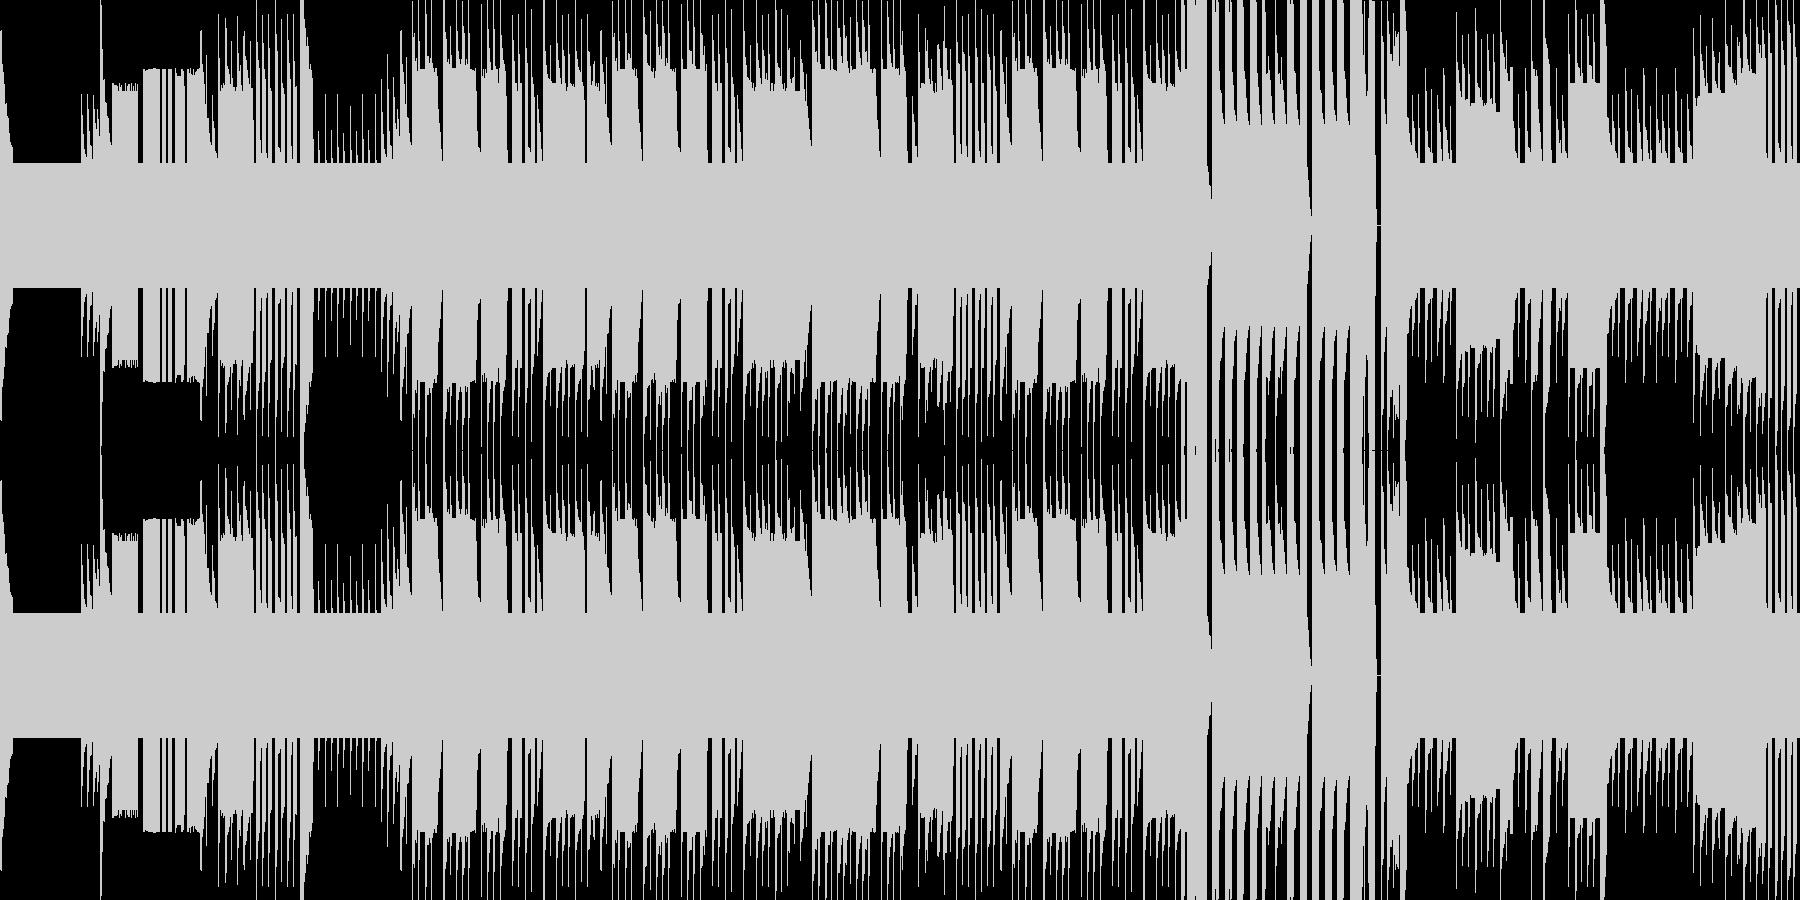 因縁の敵が現れた時のチップチューンBGMの未再生の波形